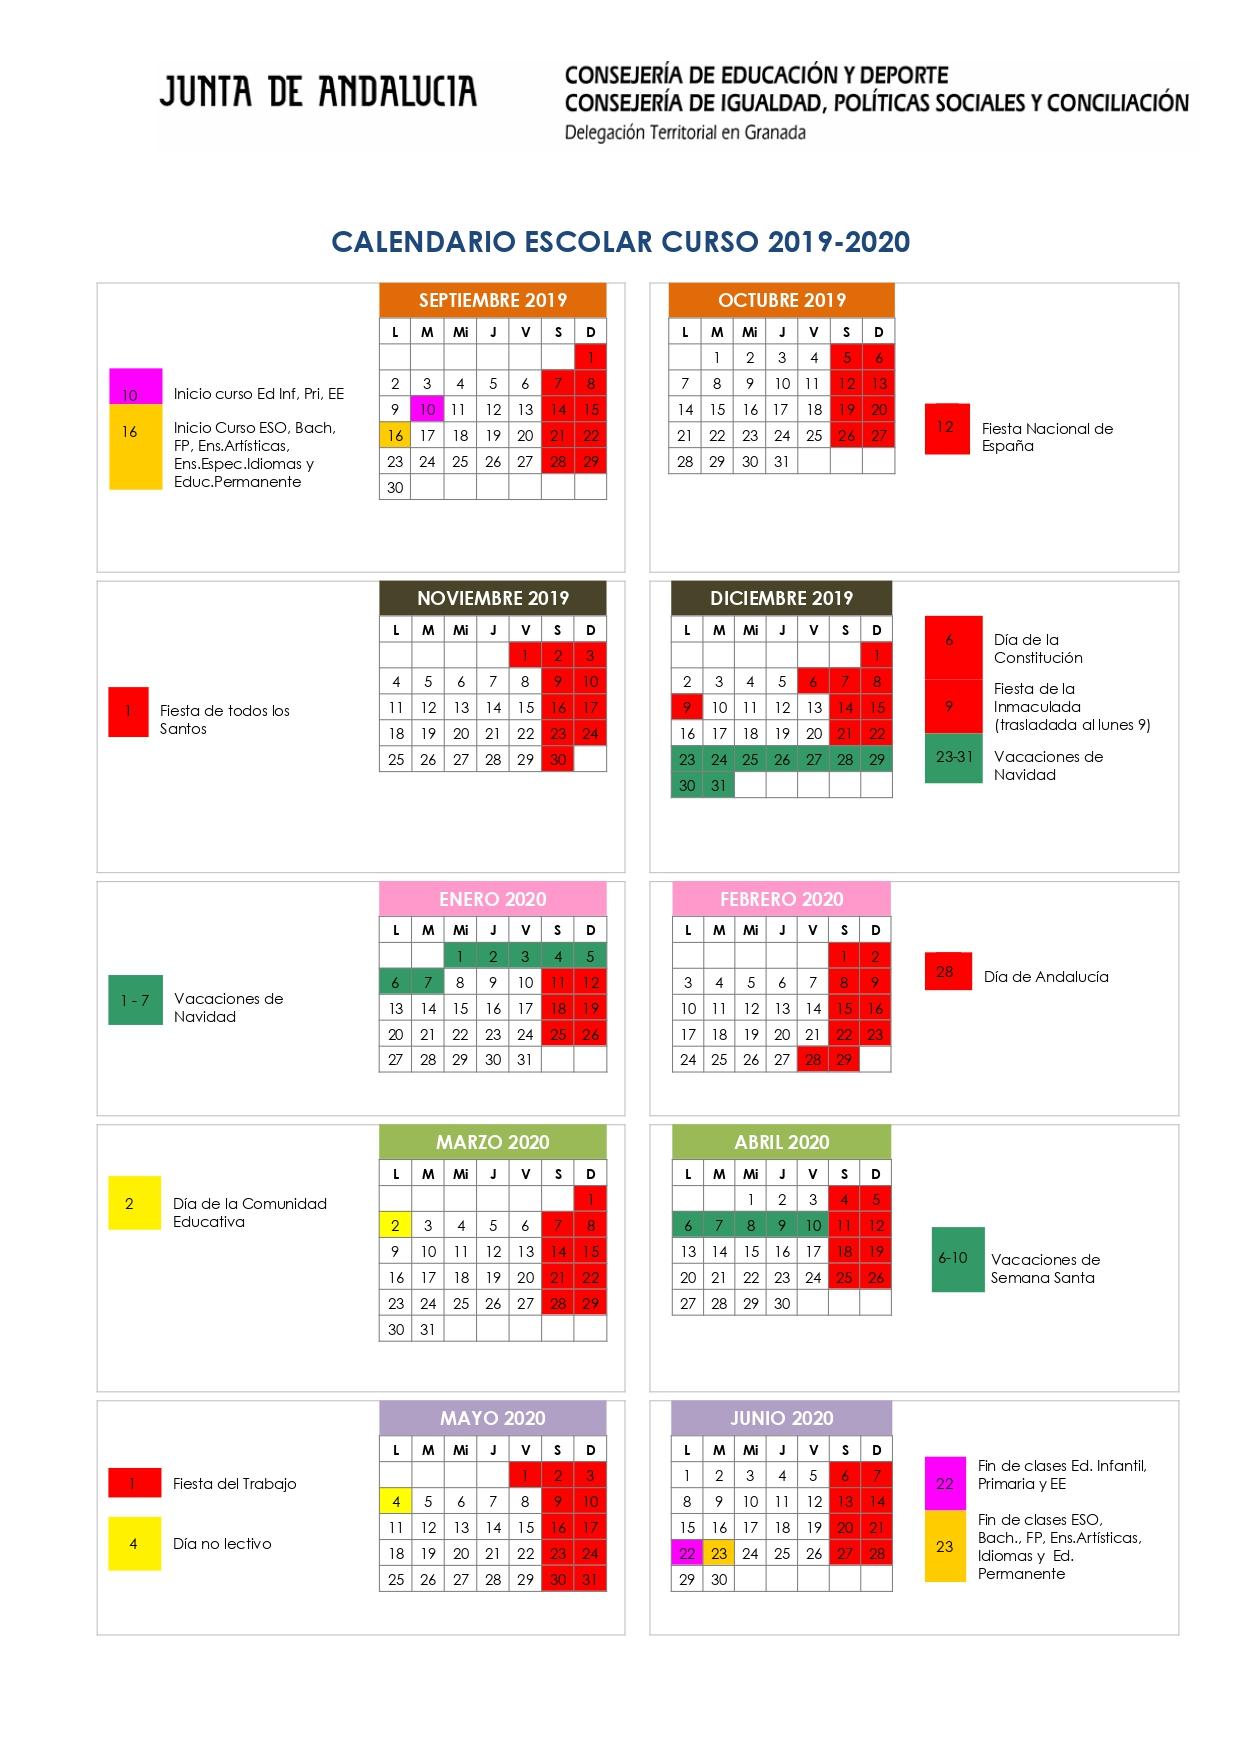 Cuadro calendario escolar 2019-2020_page-0001